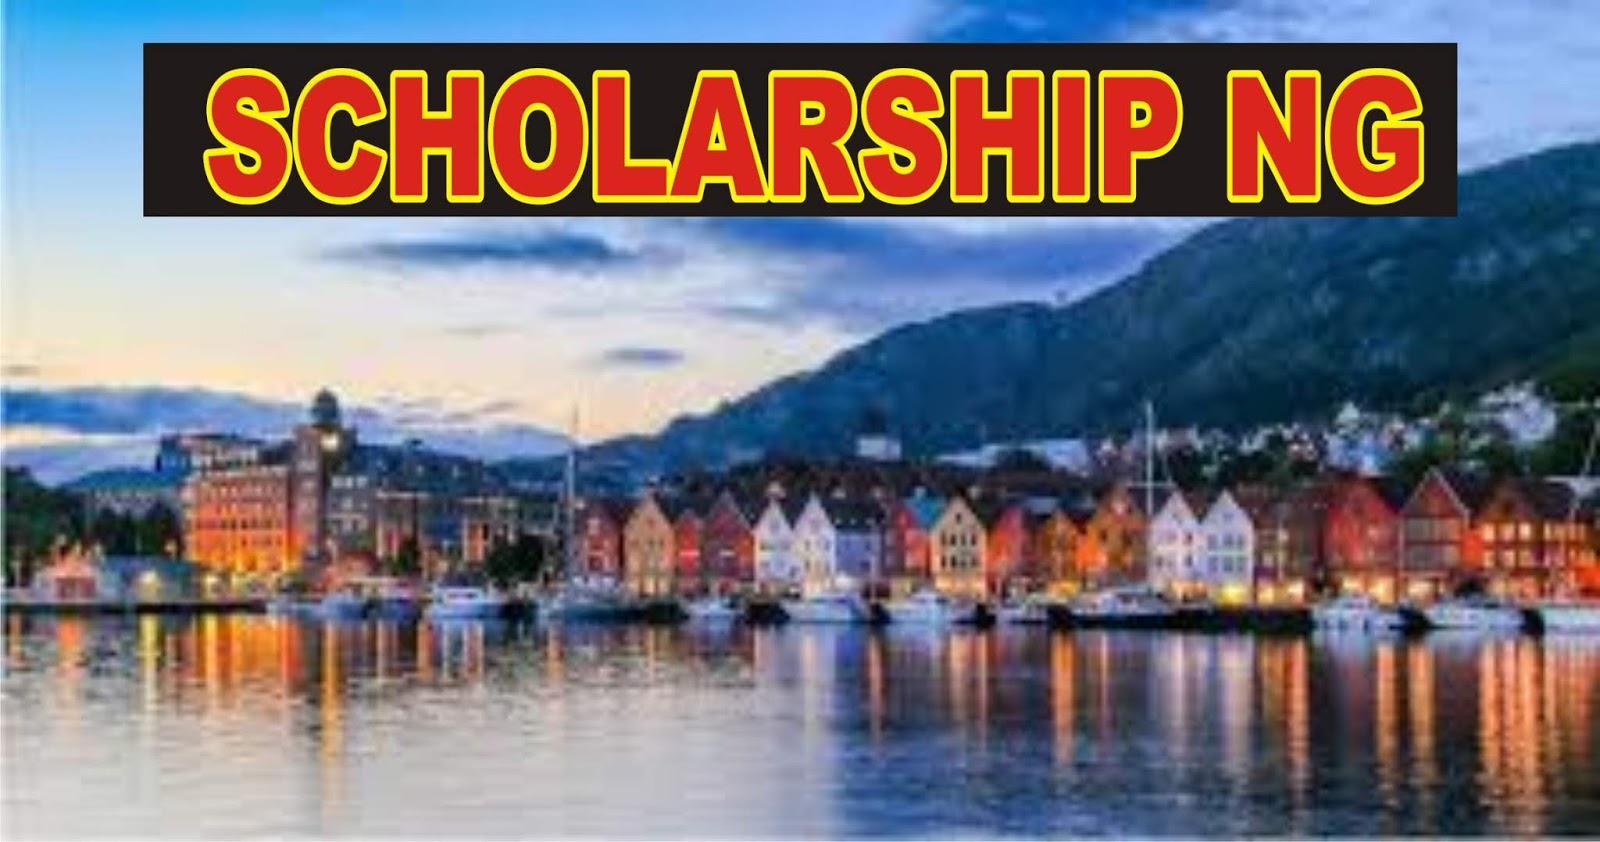 Scholarship NG